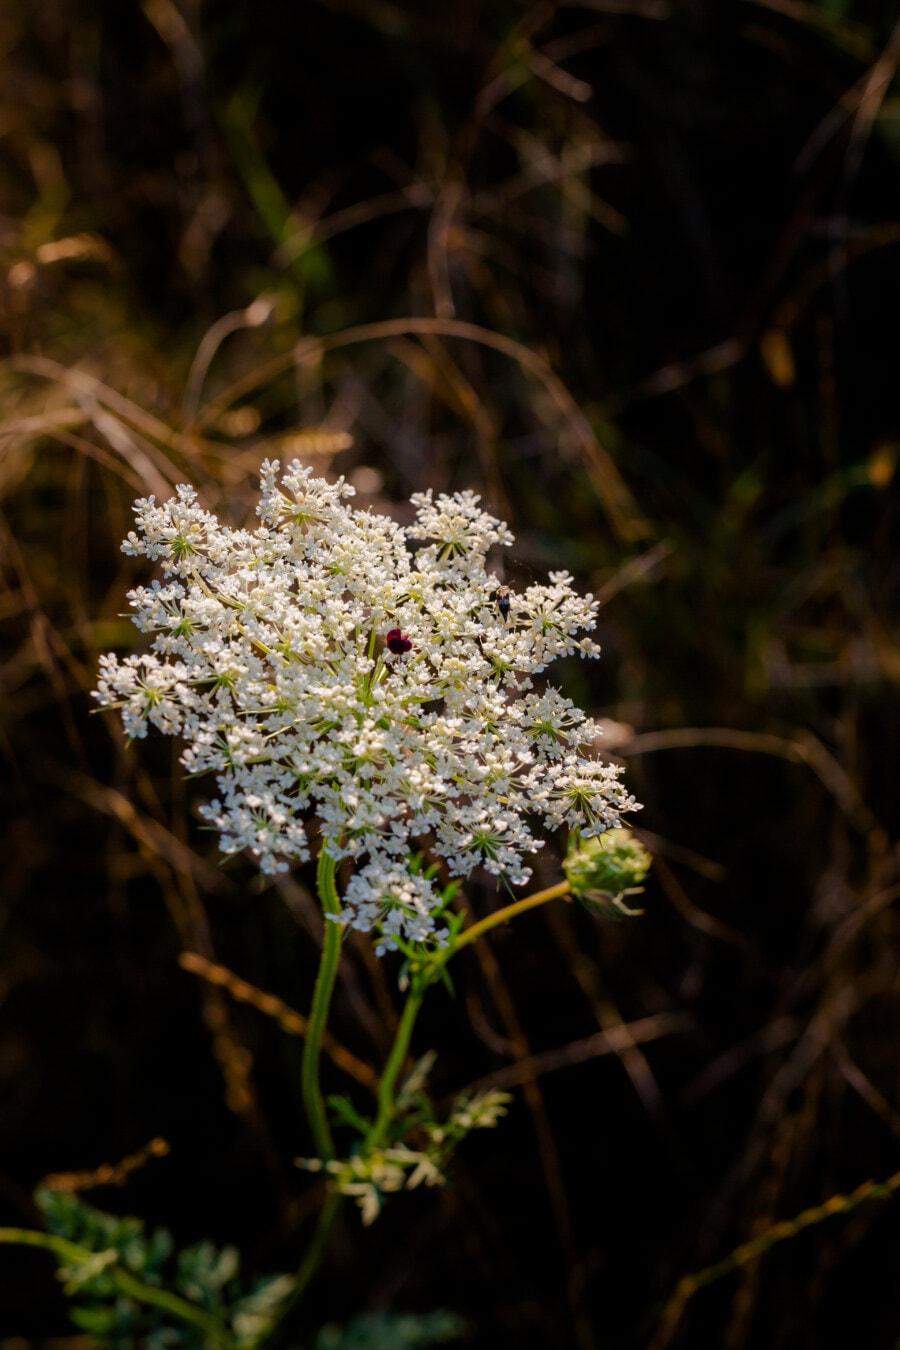 white flower, wildflower, natural habitat, grass plants, nature, flower, leaf, summer, grass, flora